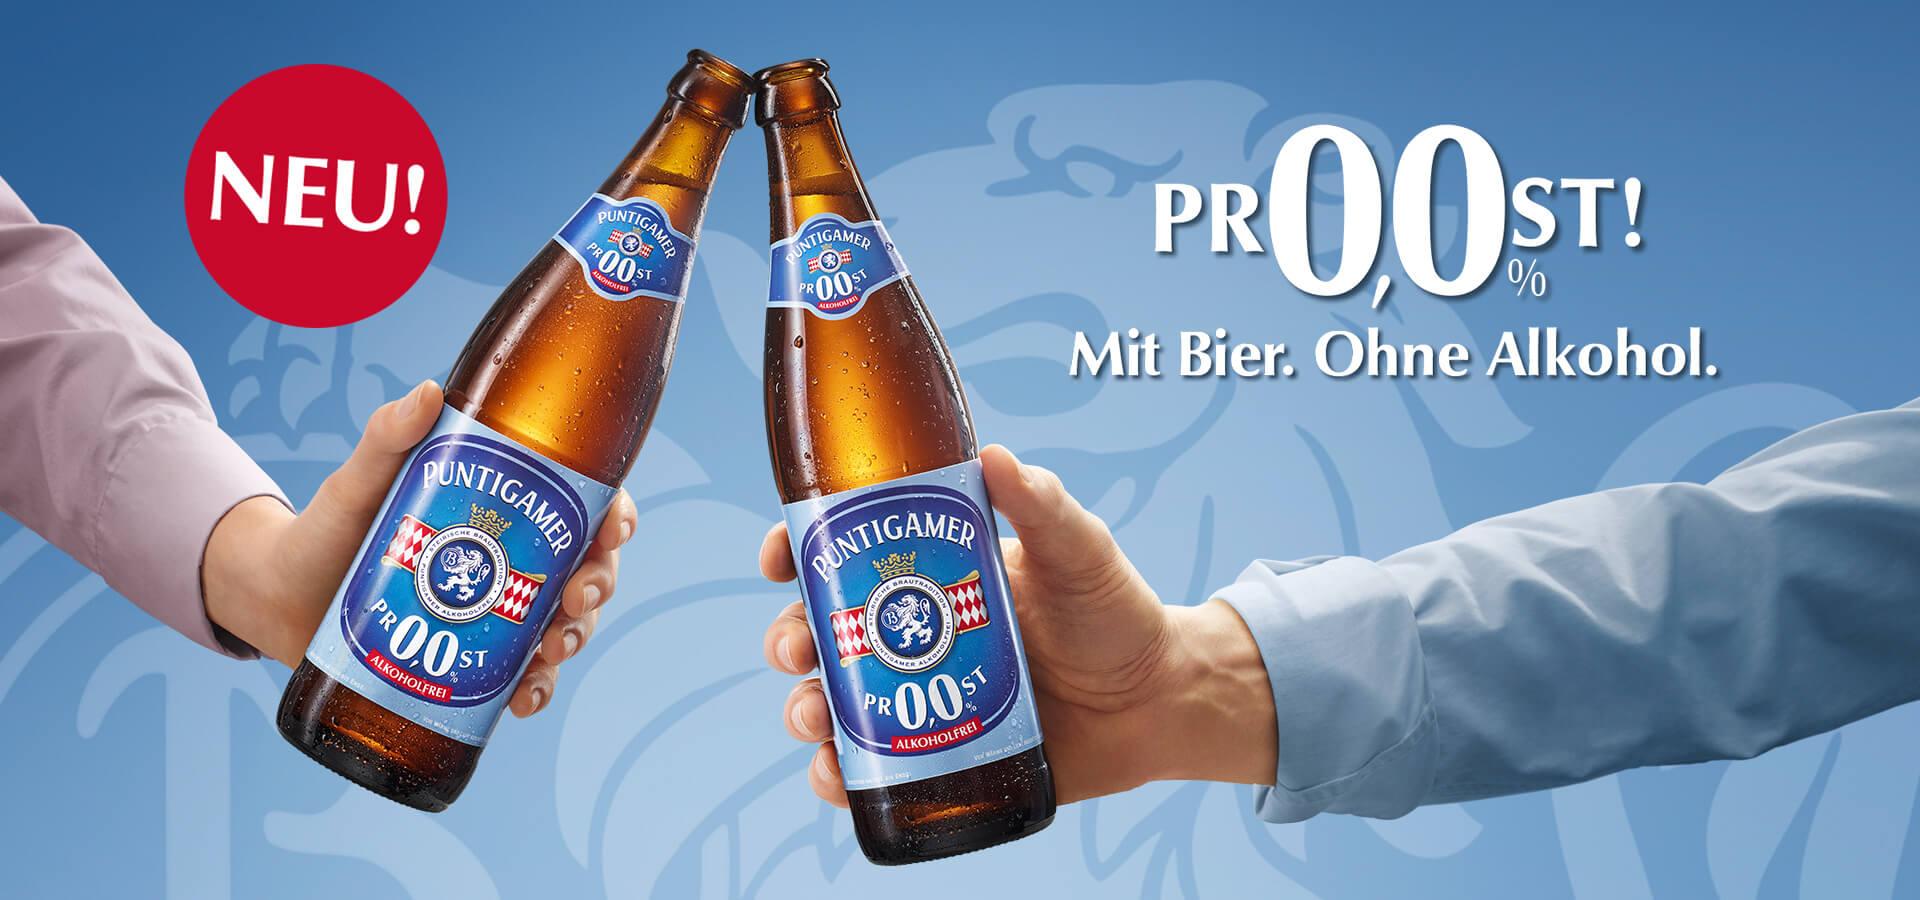 Mit Bier. Ohne Alkohol.